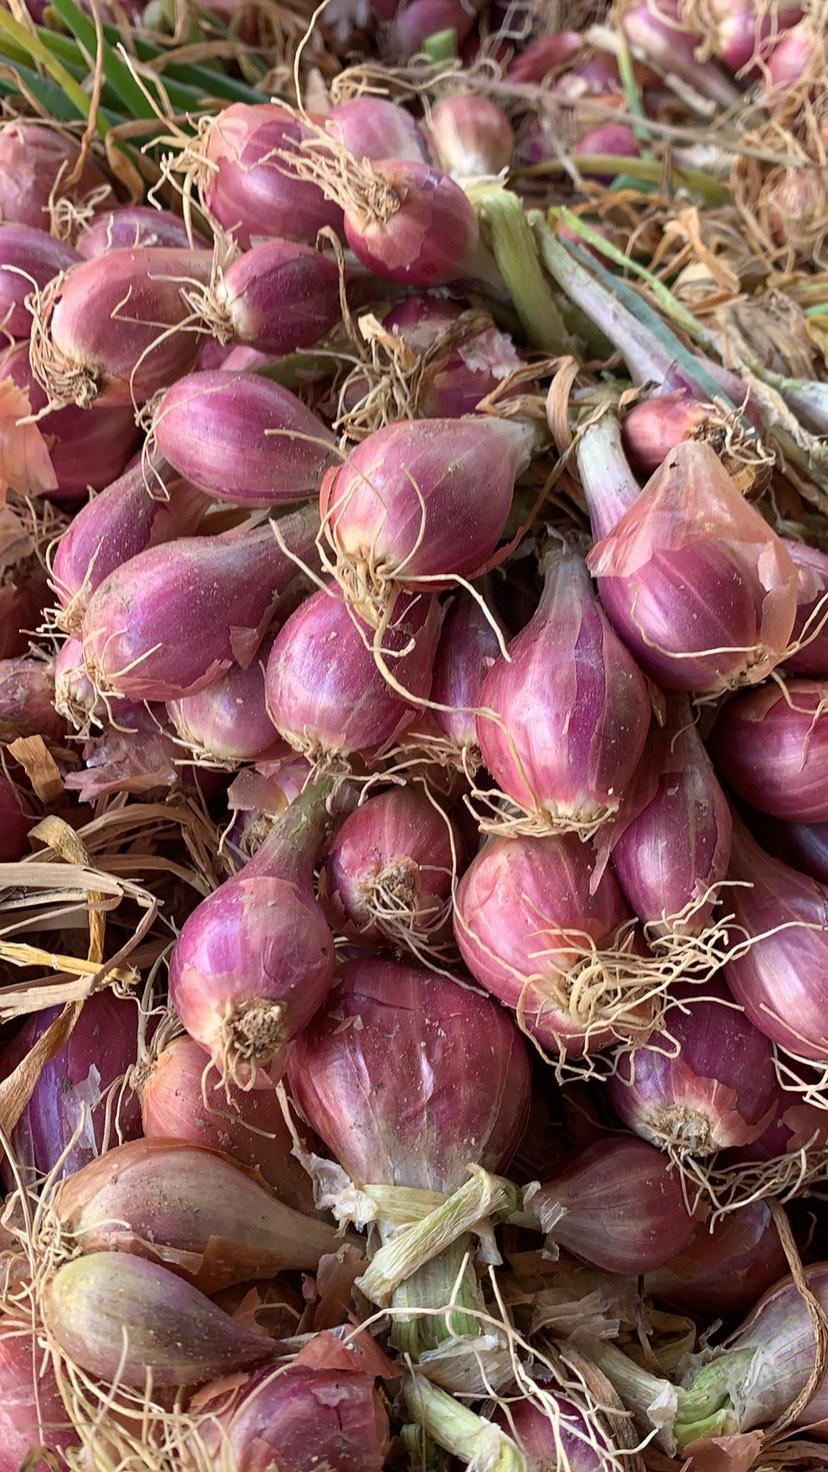 [红葱头批发]广东新葱 红葱头 带苗不带苗皆有 长期供应量大价优价格2.8元/斤